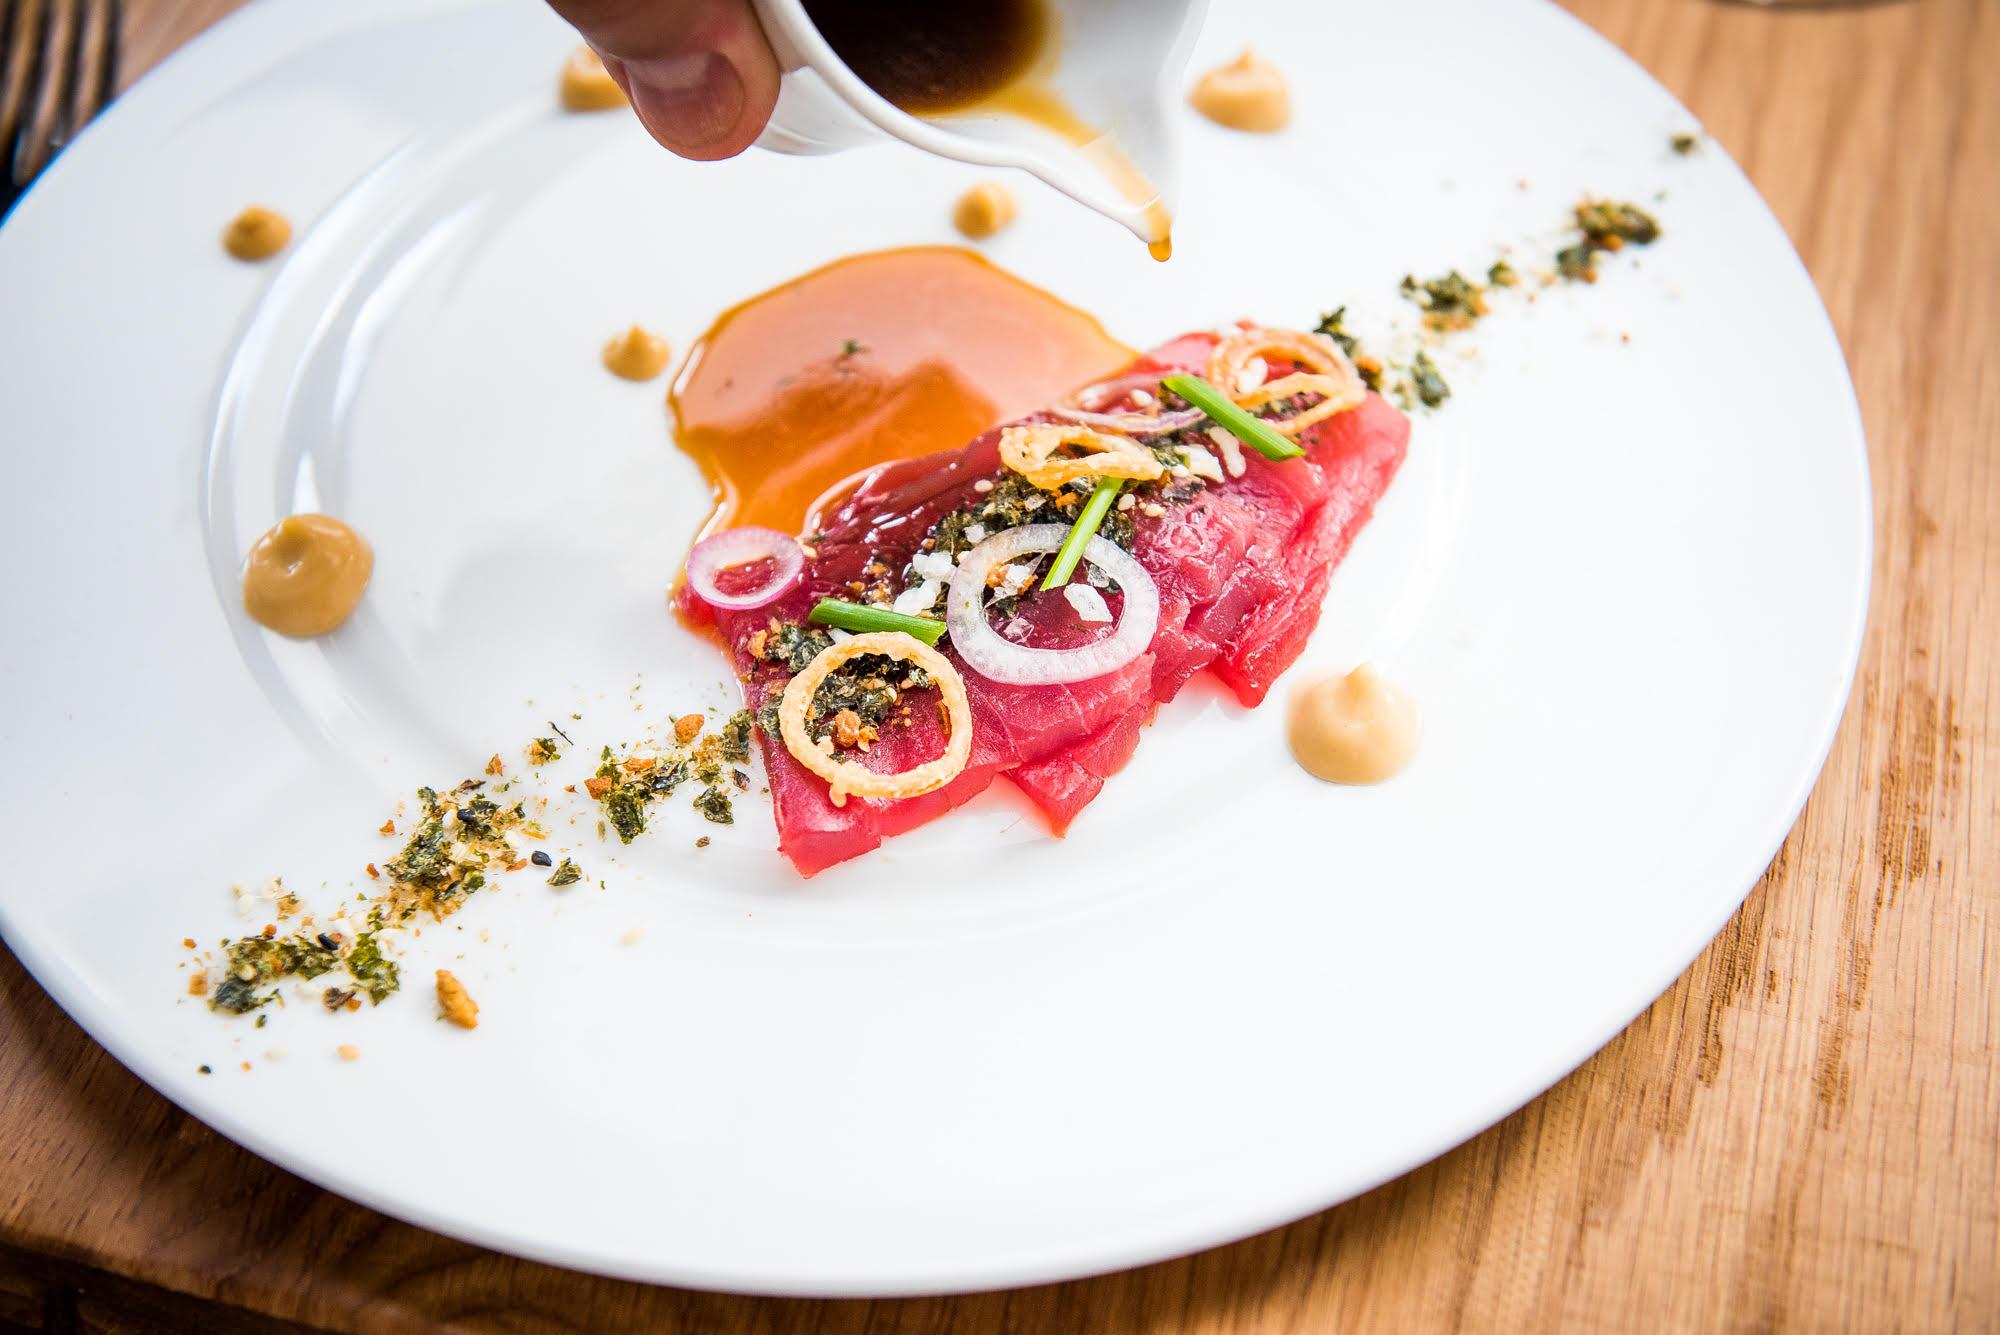 Tuna crudo at Gravitas, on a white plate flecked with edible flour